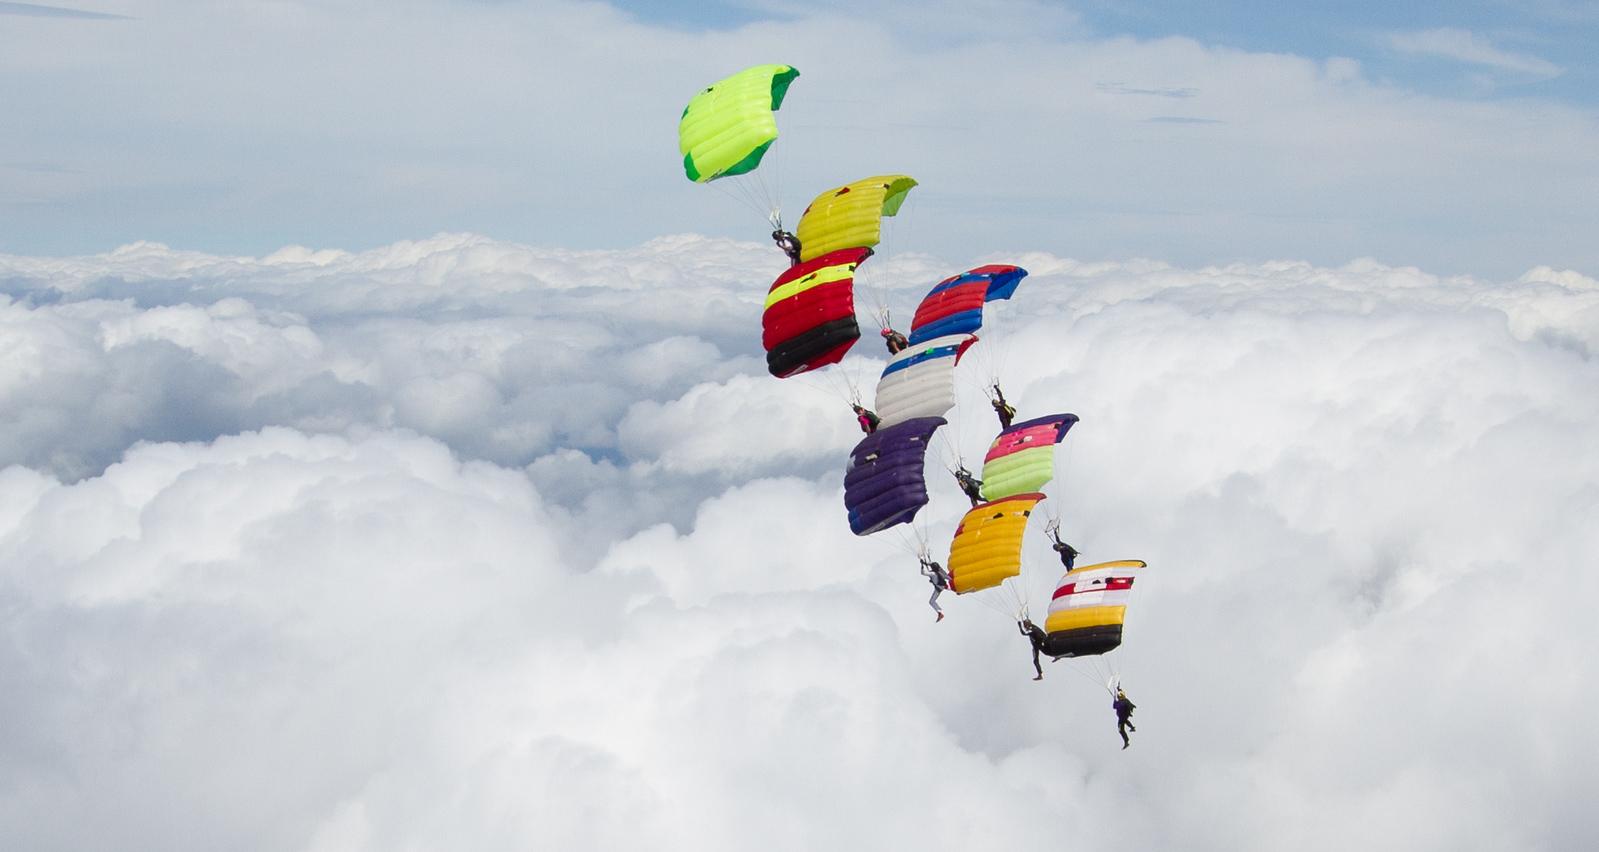 """<a href=""""http://www.skydivingstills.com/photos/i-m9ScSCJ/2/X3/i-m9ScSCJ-X3.jpg"""">http://www.skydivingstills.com/photos/i-m9ScSCJ/2/X3/i-m9ScSCJ-X3.jpg</a>"""